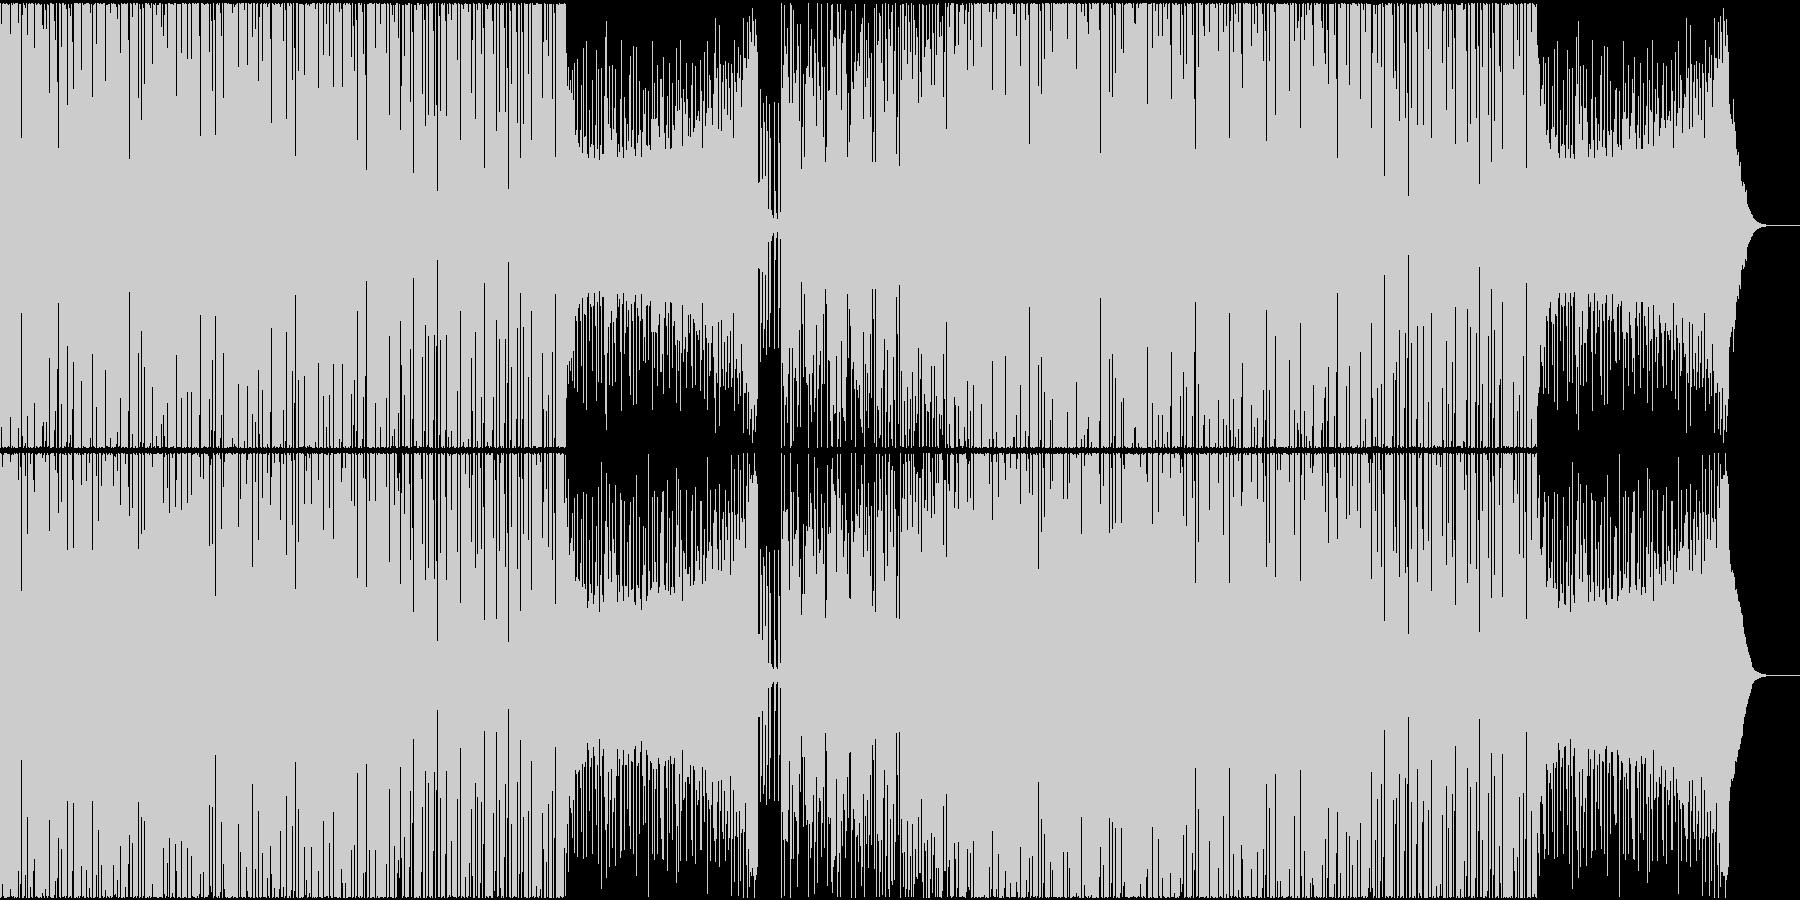 EDM トロピカル チャート メジャーの未再生の波形